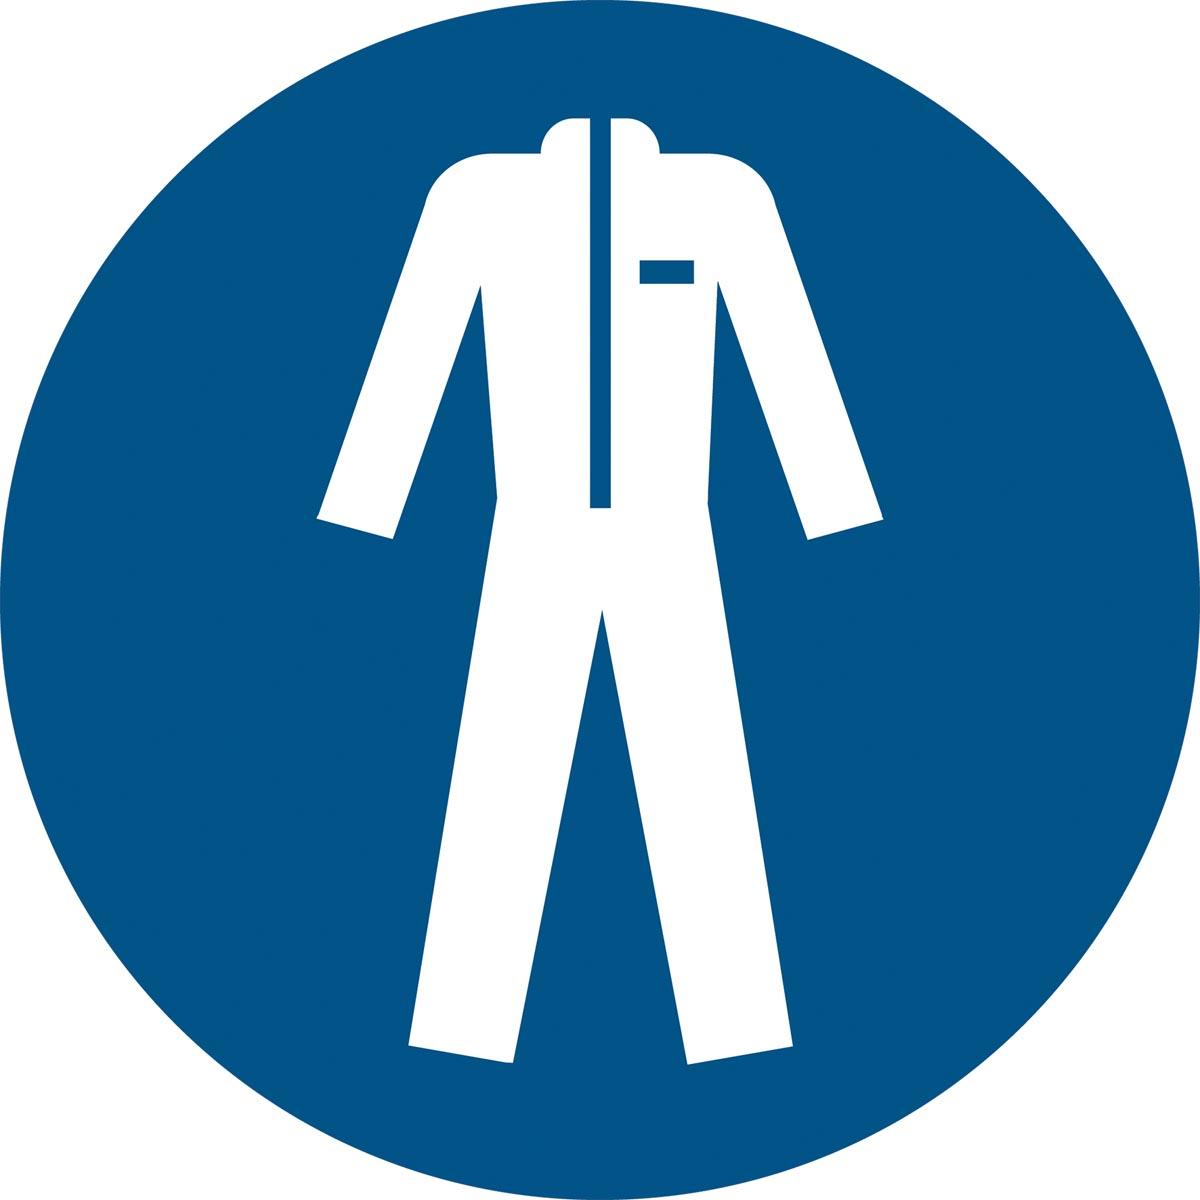 Tarifold gebodsbord uit PP, beschermende werkkleding verplicht, diameter 20 cm